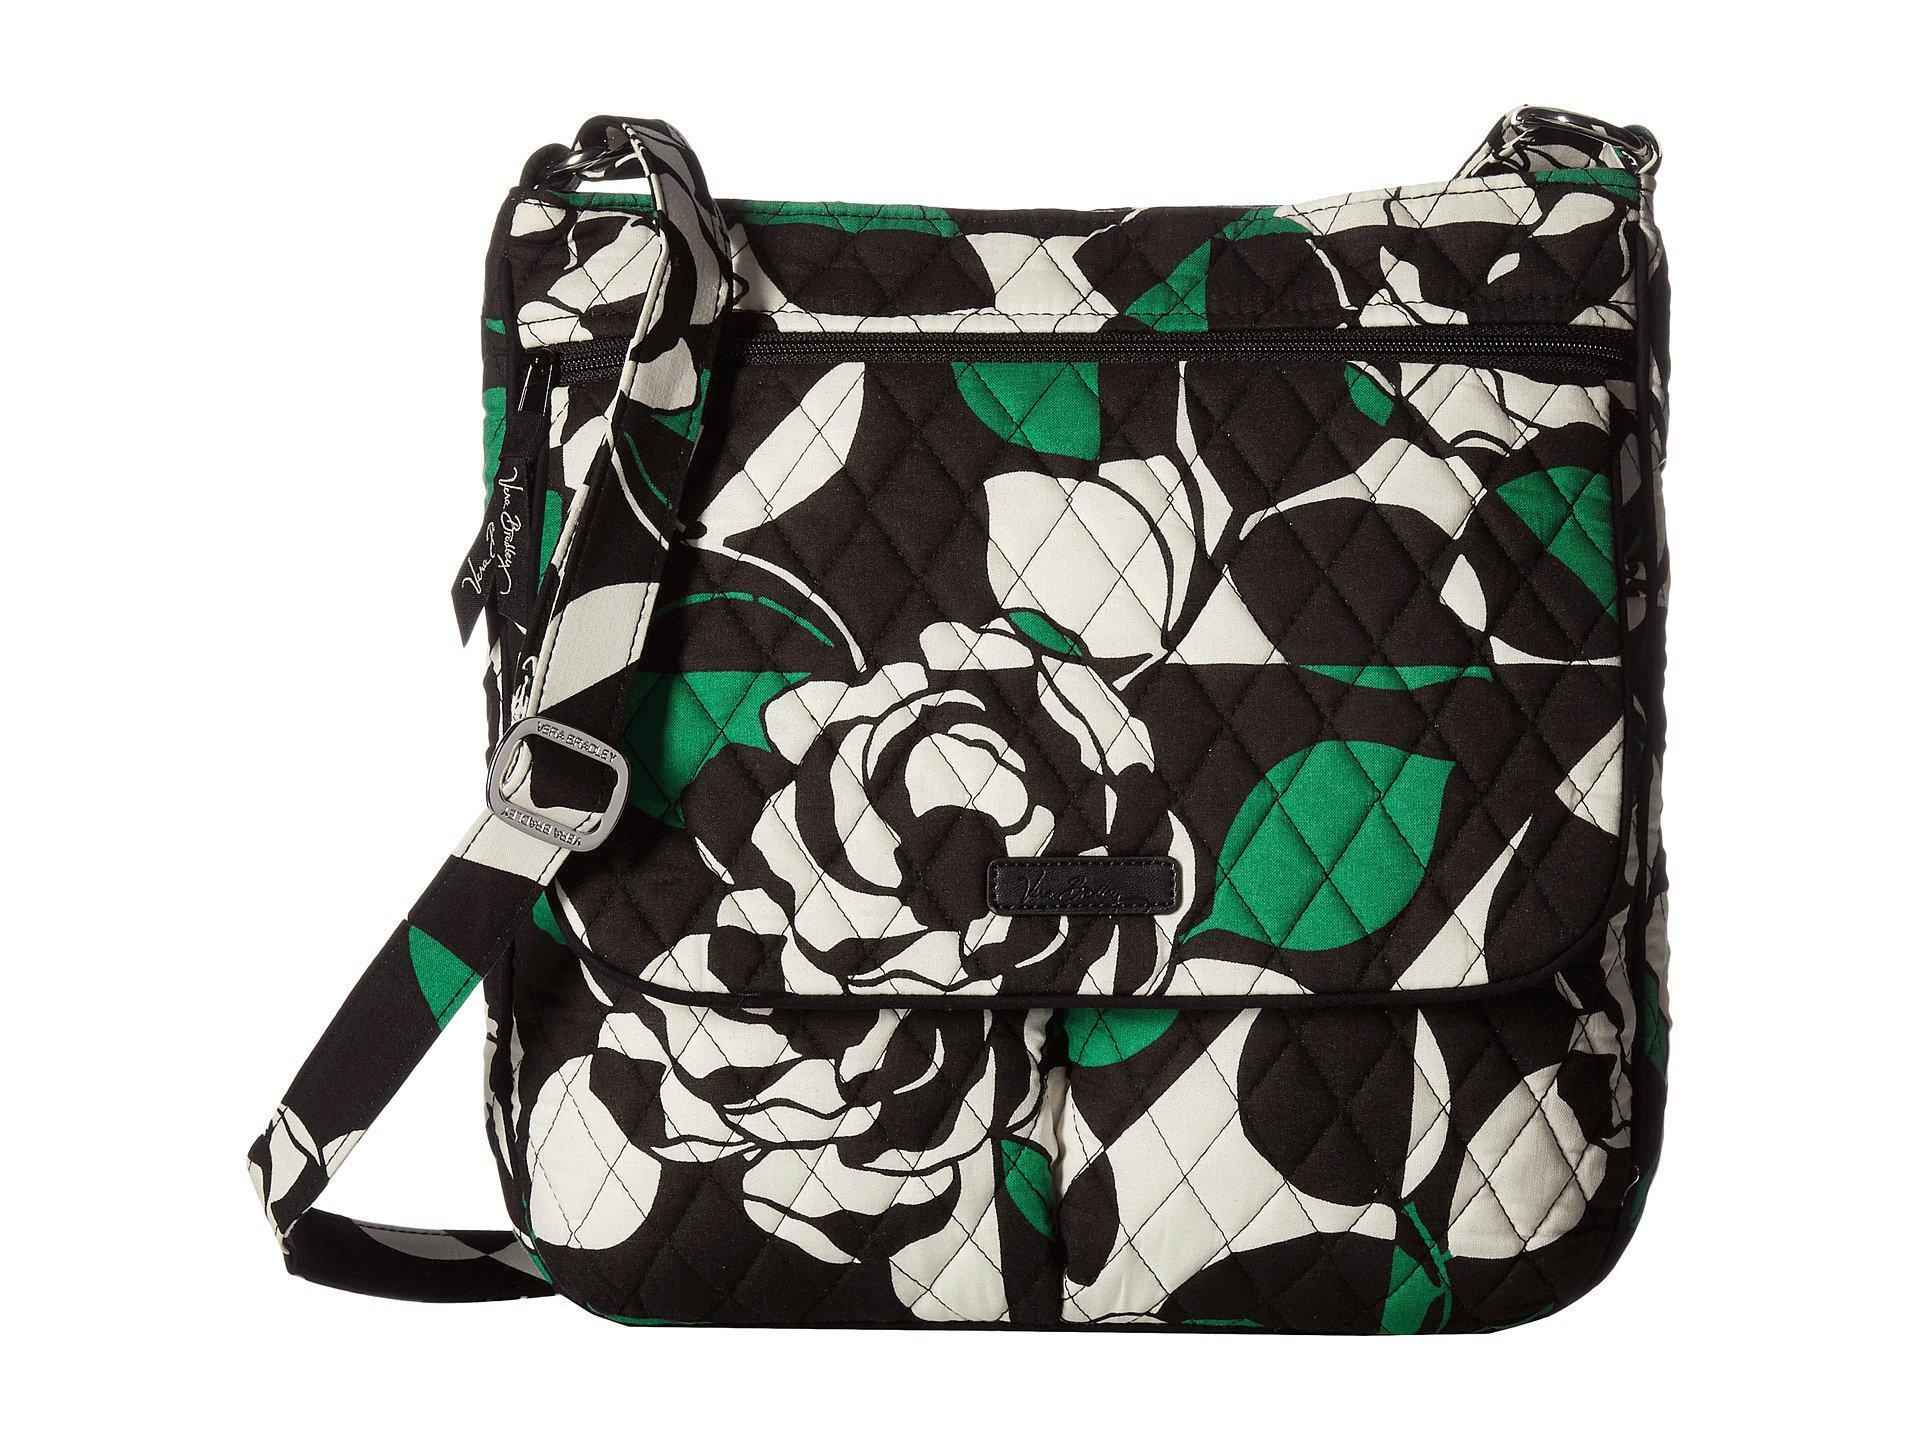 Vera Bradley - Multicolor Double Zip Mailbag, Signature Cotton - Lyst 2cb7e40a1c